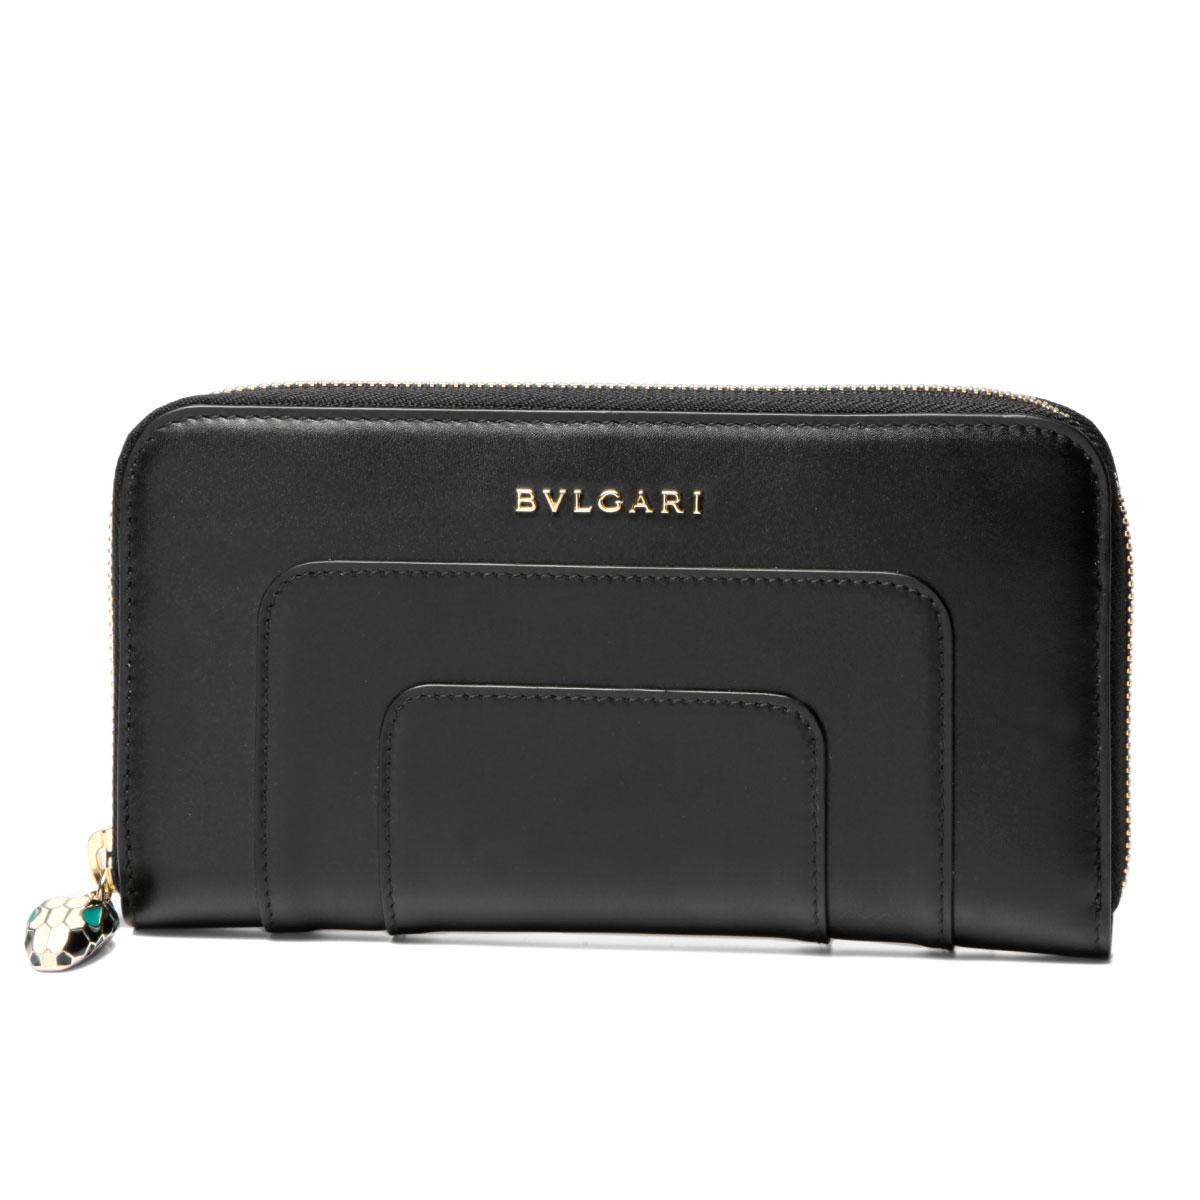 ブルガリ BVLGARI 財布 レディース 36477 ラウンドファスナー長財布 ラージ SERPENTI FOREVER セルペンティ フォーエバー BLACK/LIGHT GOLD ブラック